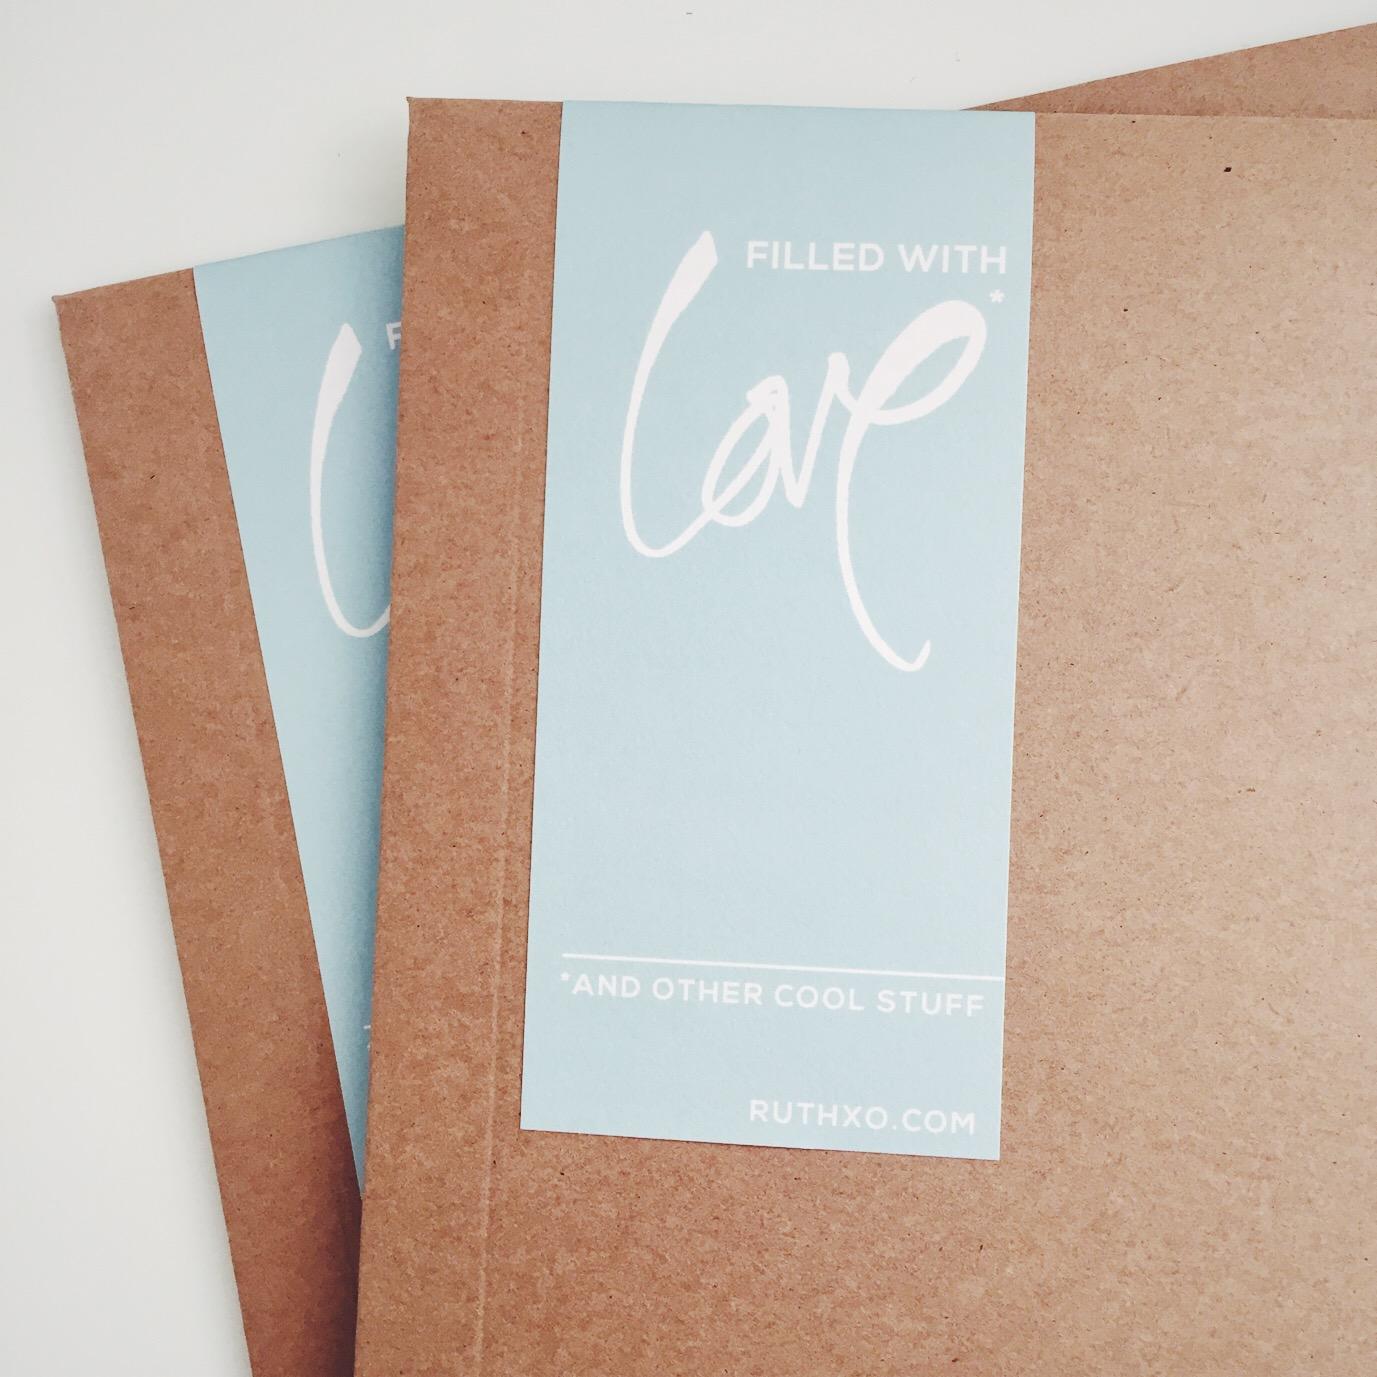 RUTH XO Packaging